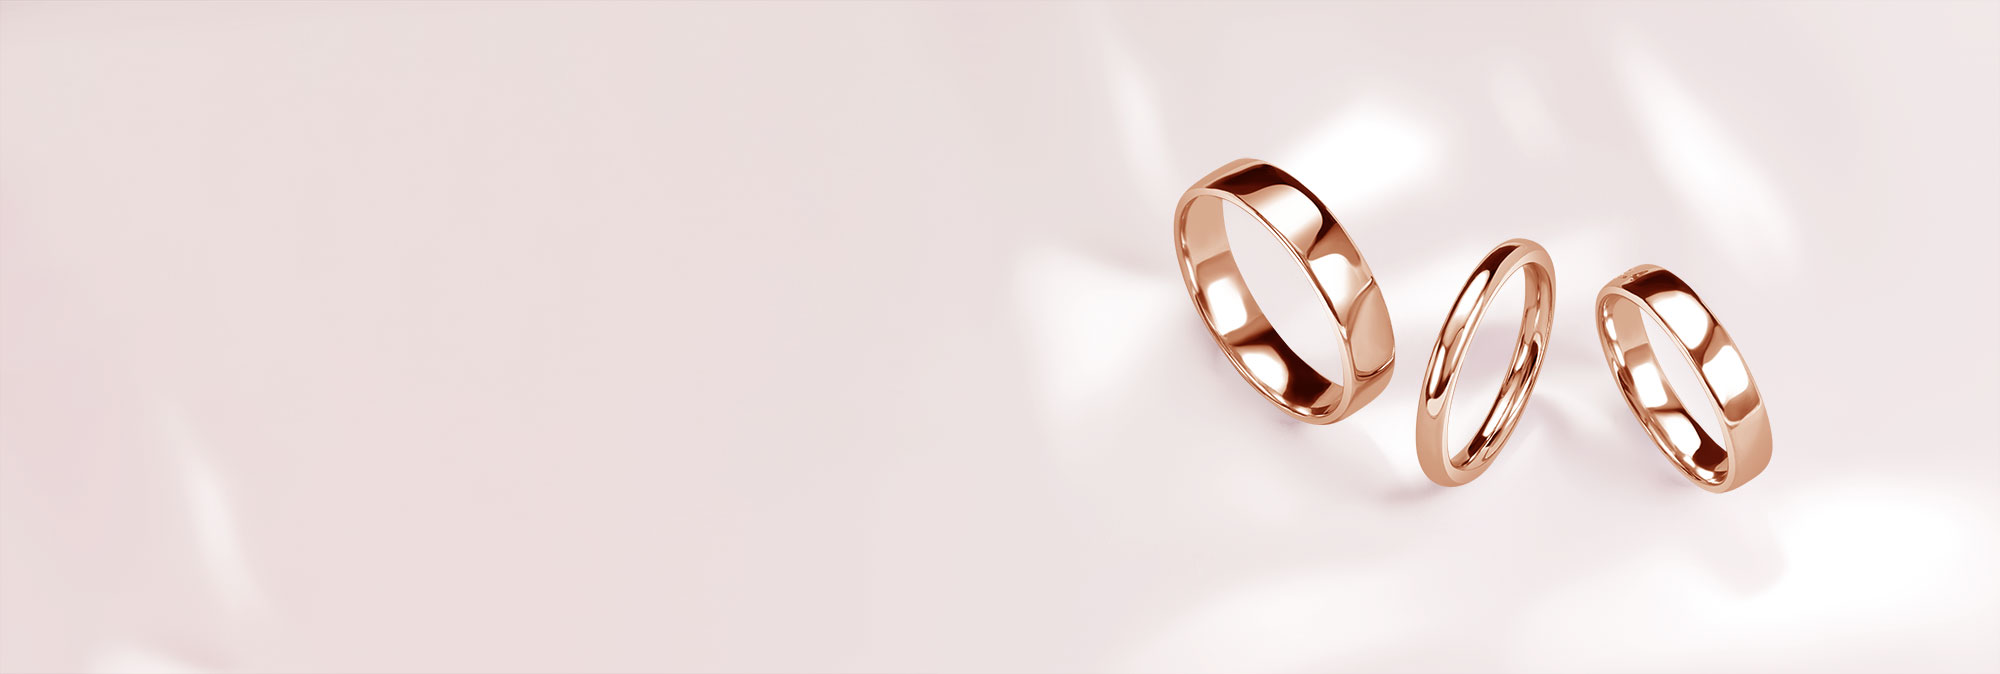 Rose Gold Wedding Rings - Steven Stone